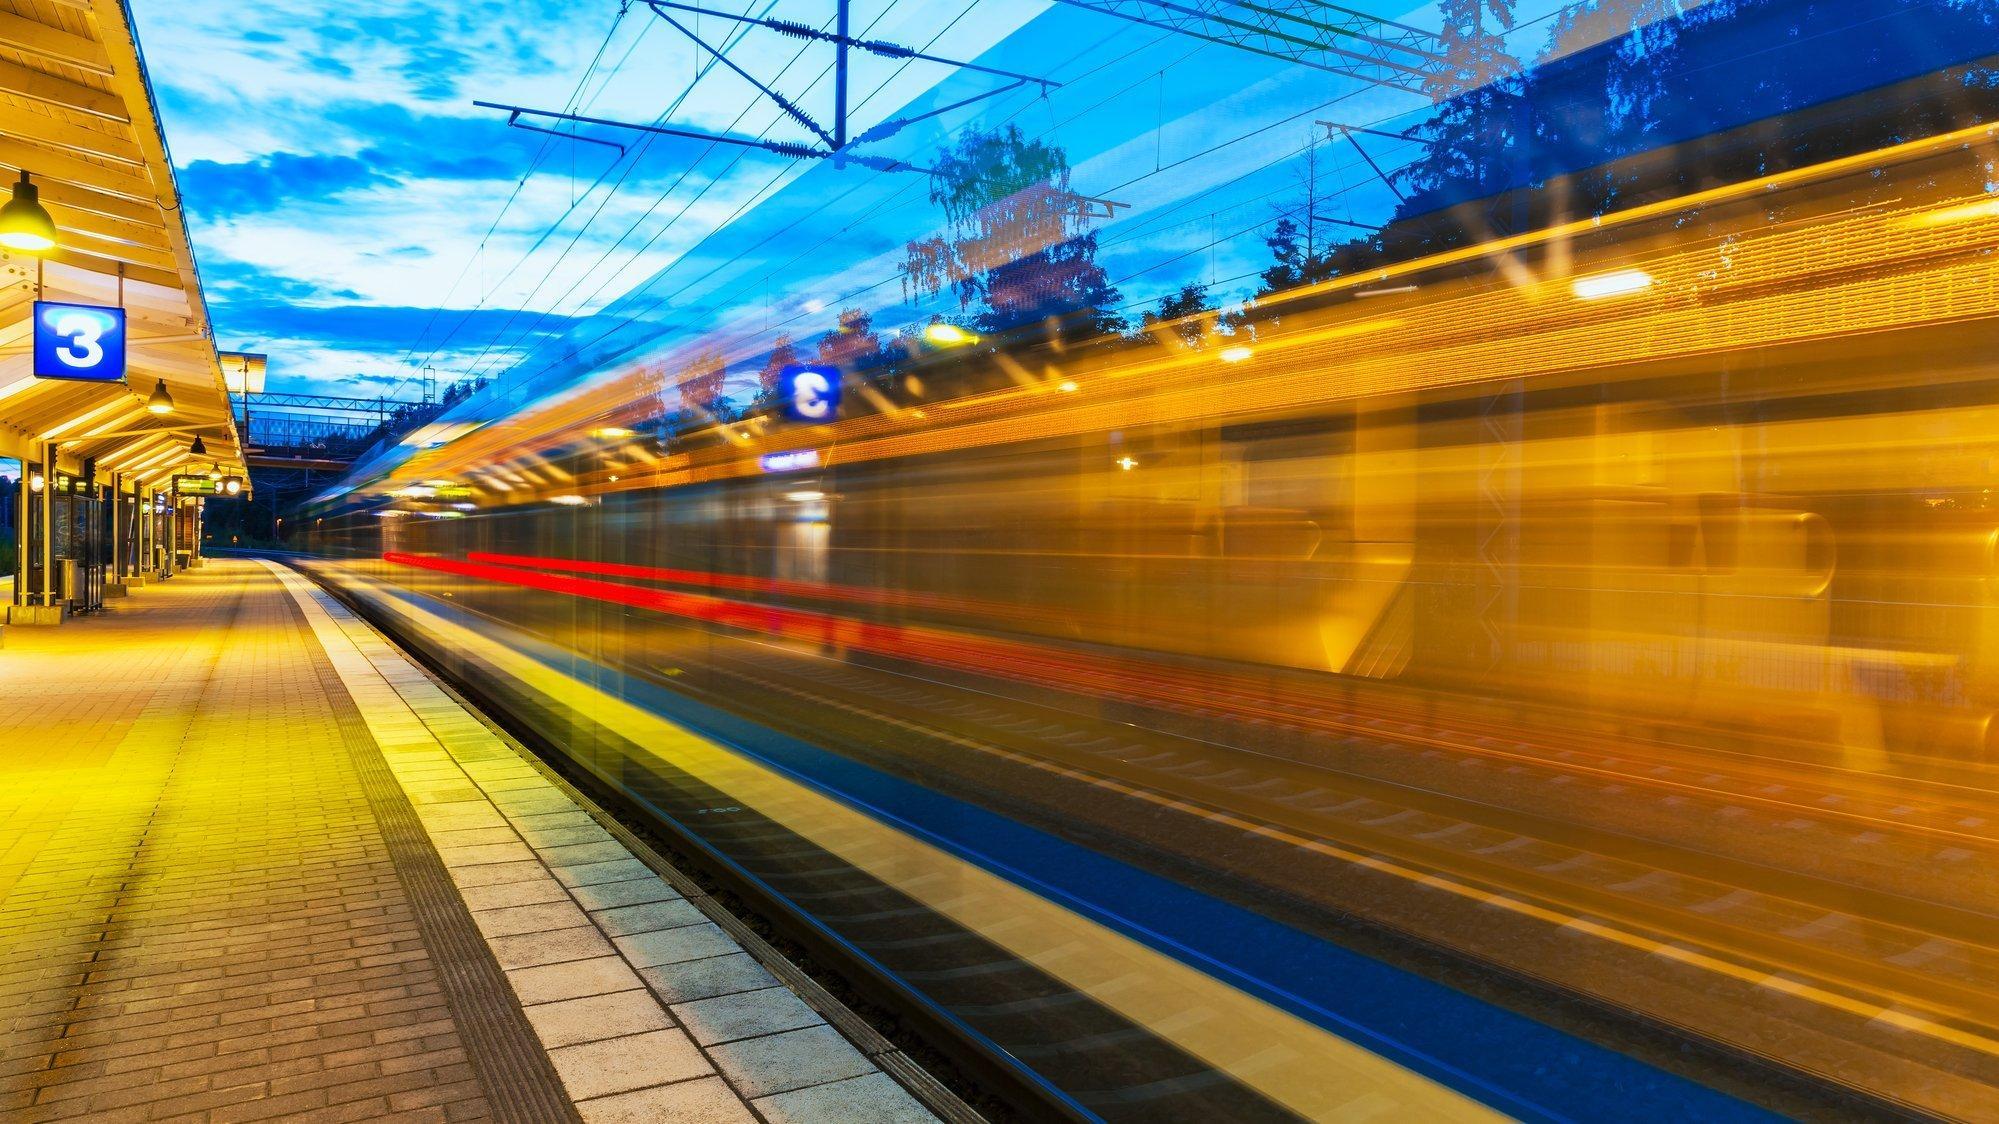 Ein Zug fährt Abends vom Bahnhof ab. Die Belichtungszeit ist hoch, darum ist der Zug geisterhaft zu erkennen und seine Beleuchtung zieht nach.